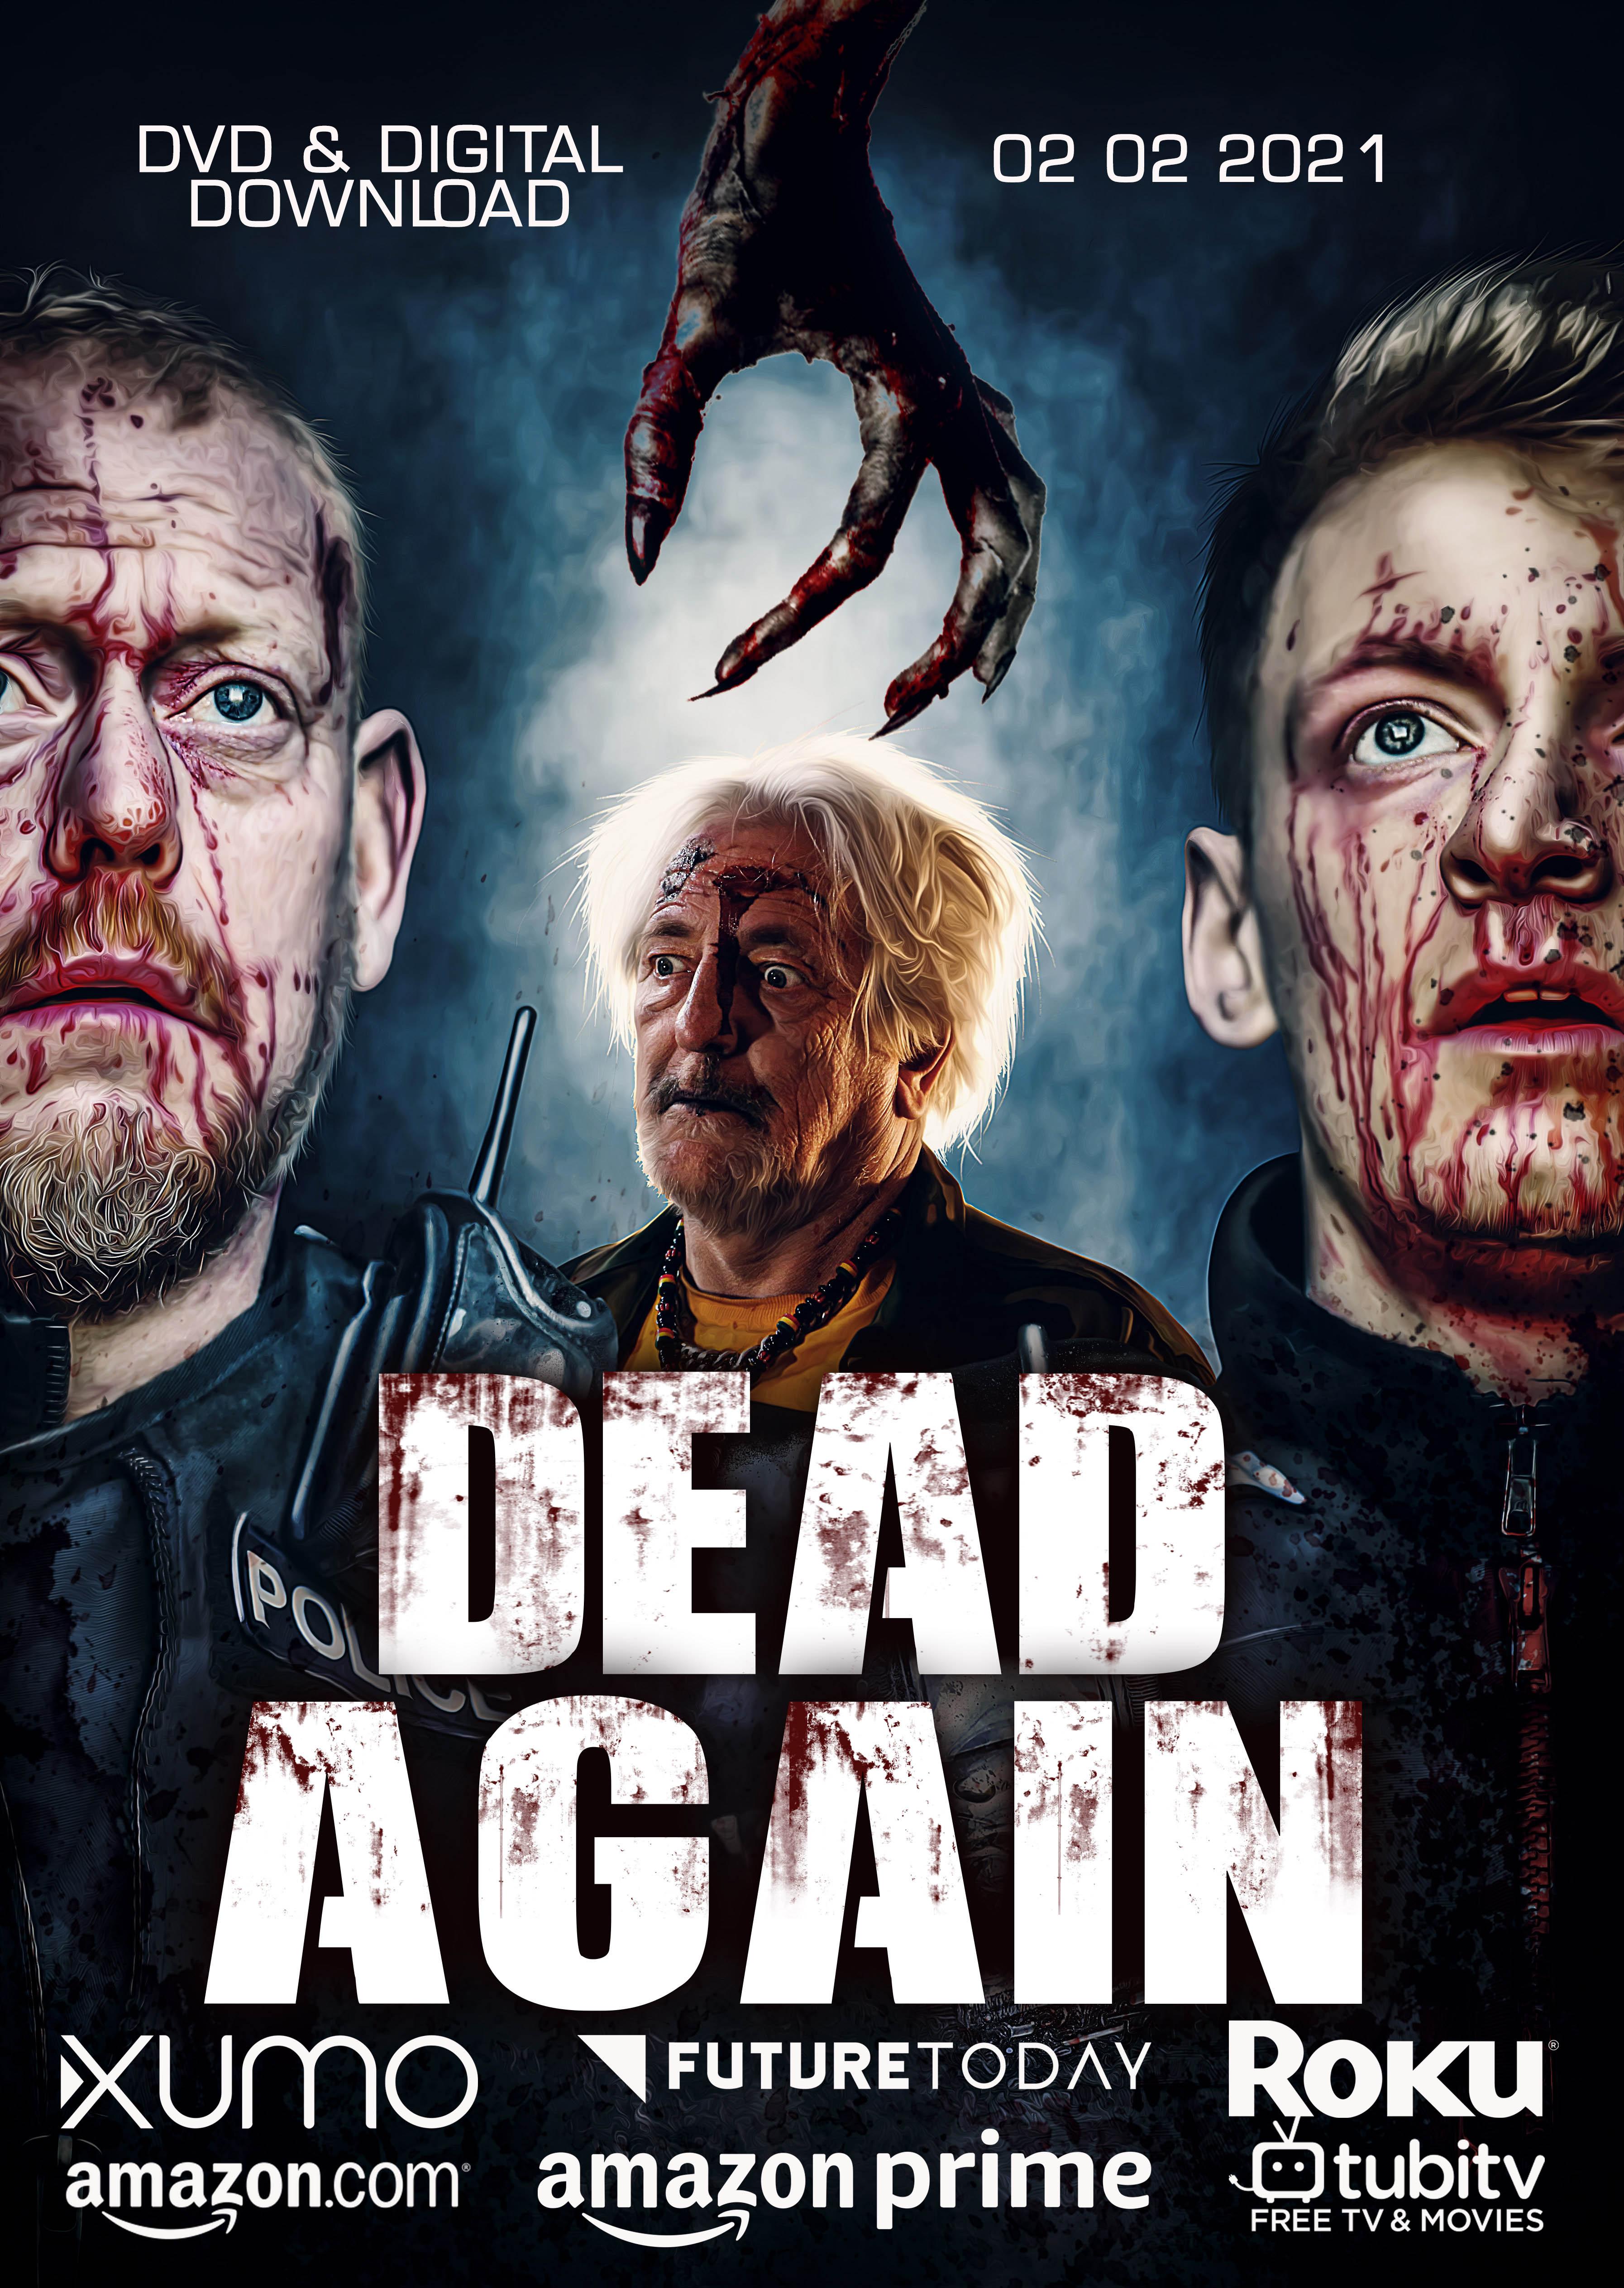 SHAUN OF THE DEAD meets HOT FUZZ in Zombie/Alien Horror Comedy DEAD AGAIN